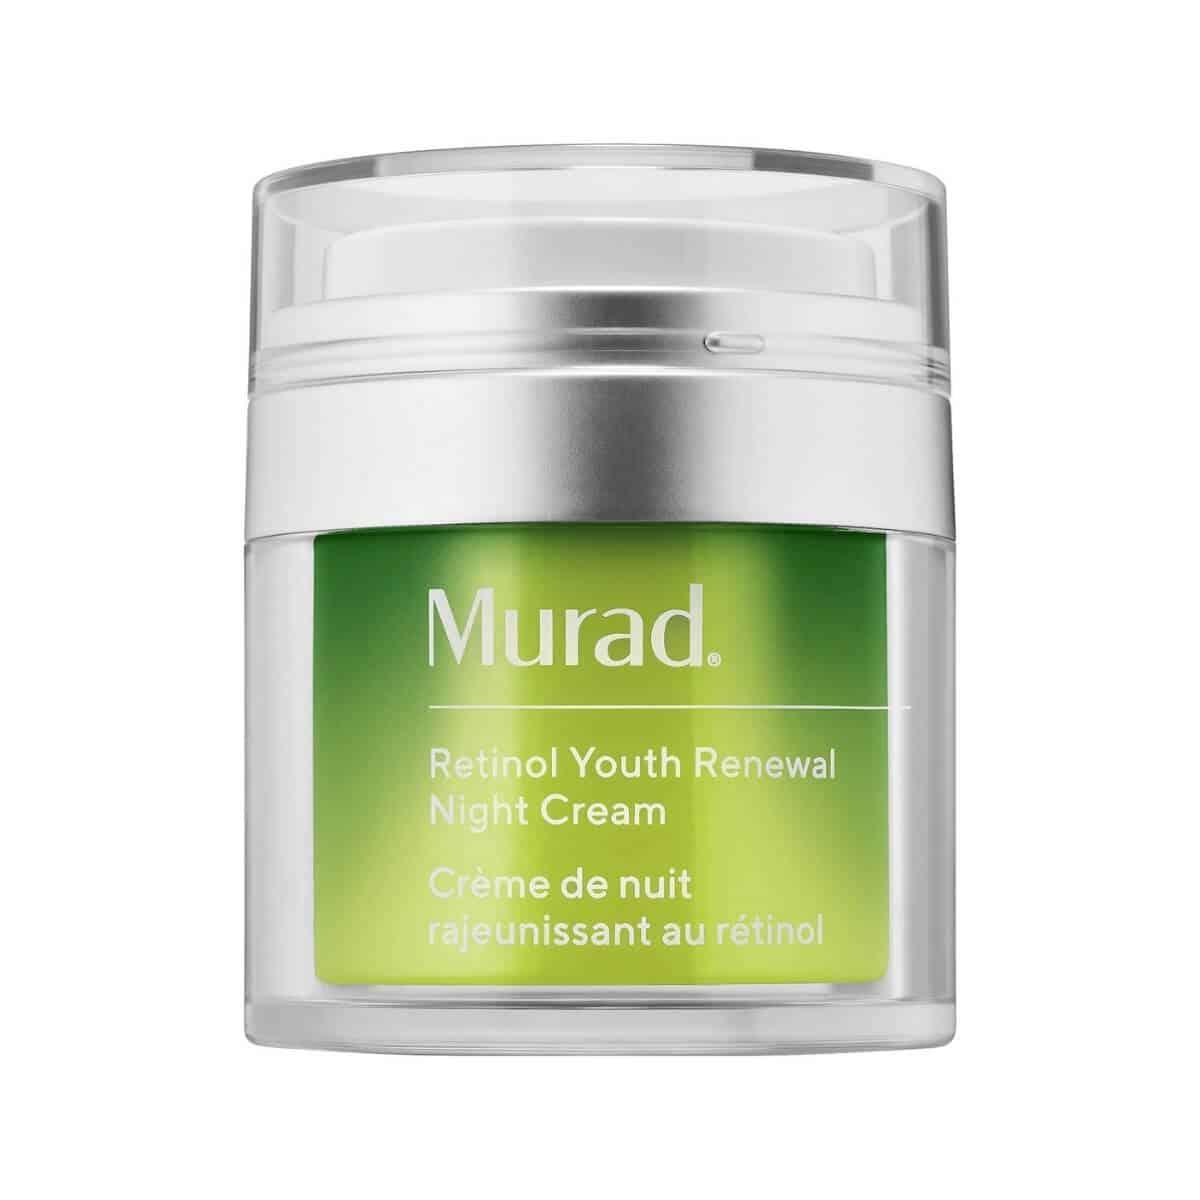 Glass container of retinol night cream by Murad.